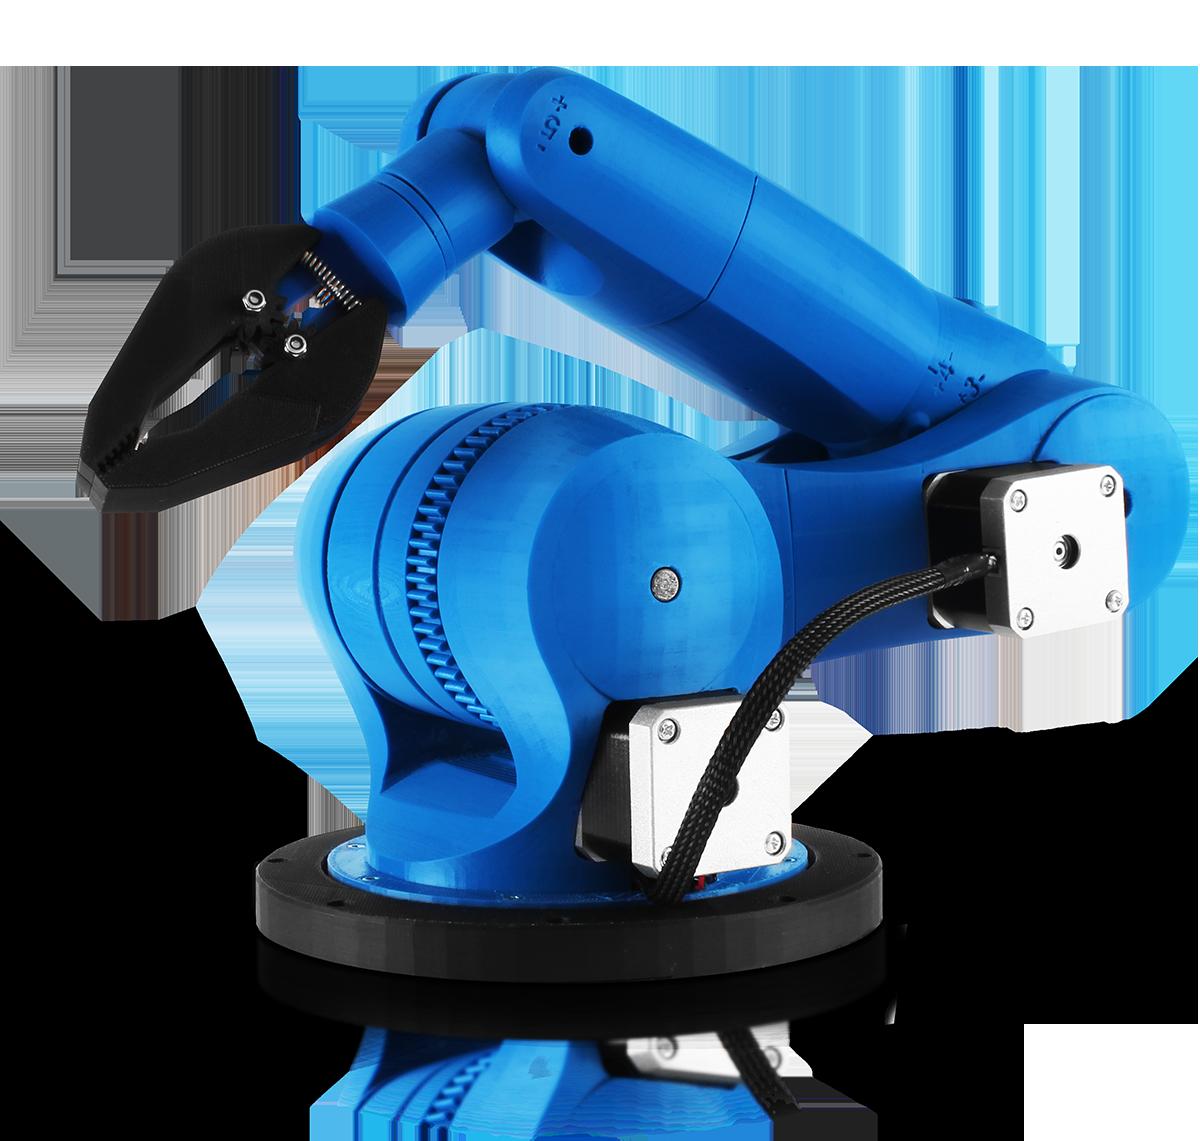 Zortrax_KUKA robot